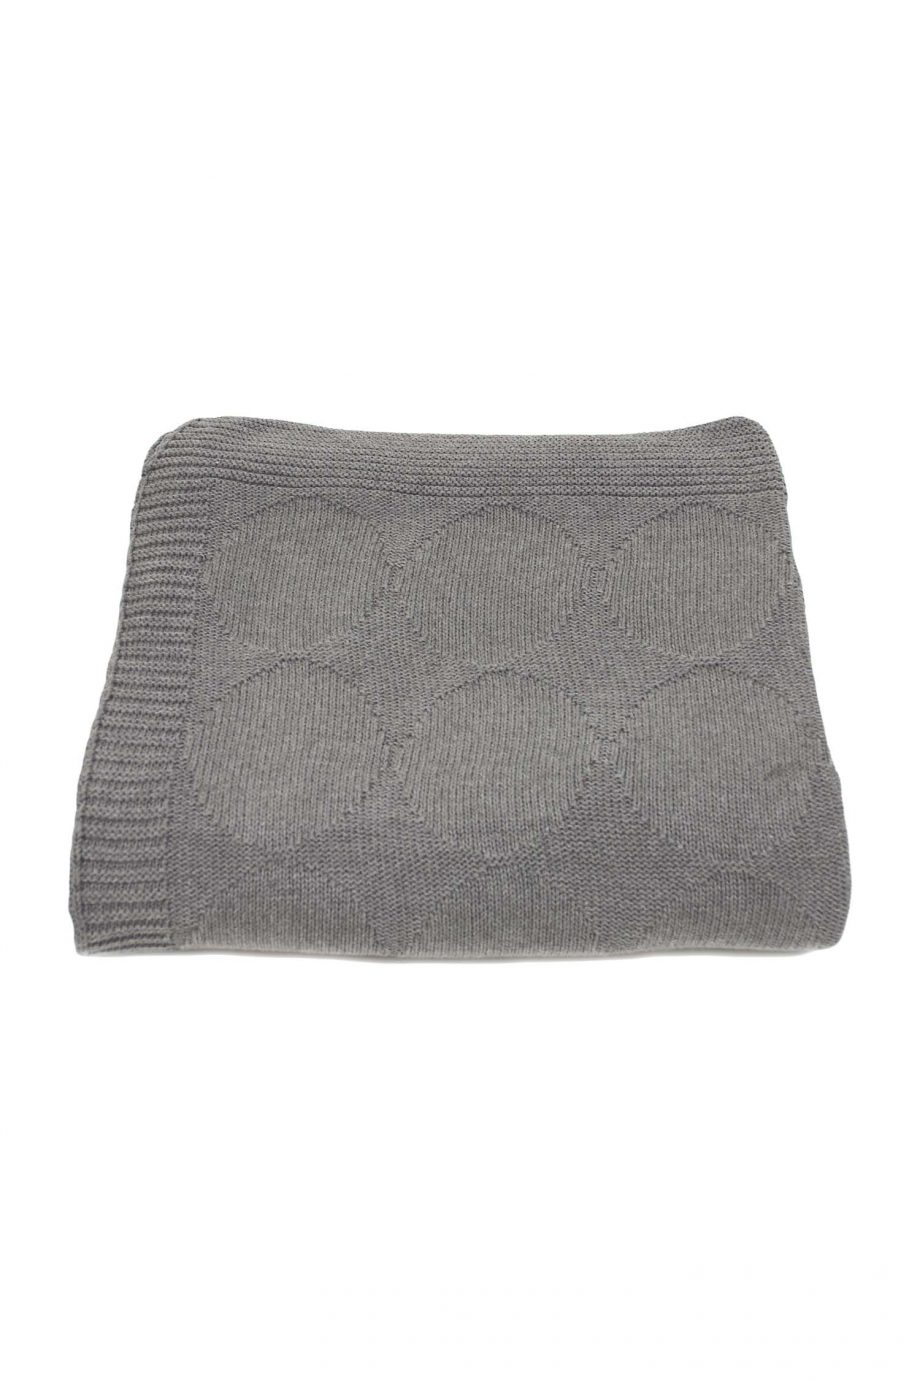 spots grijs gebreide katoenen deken large